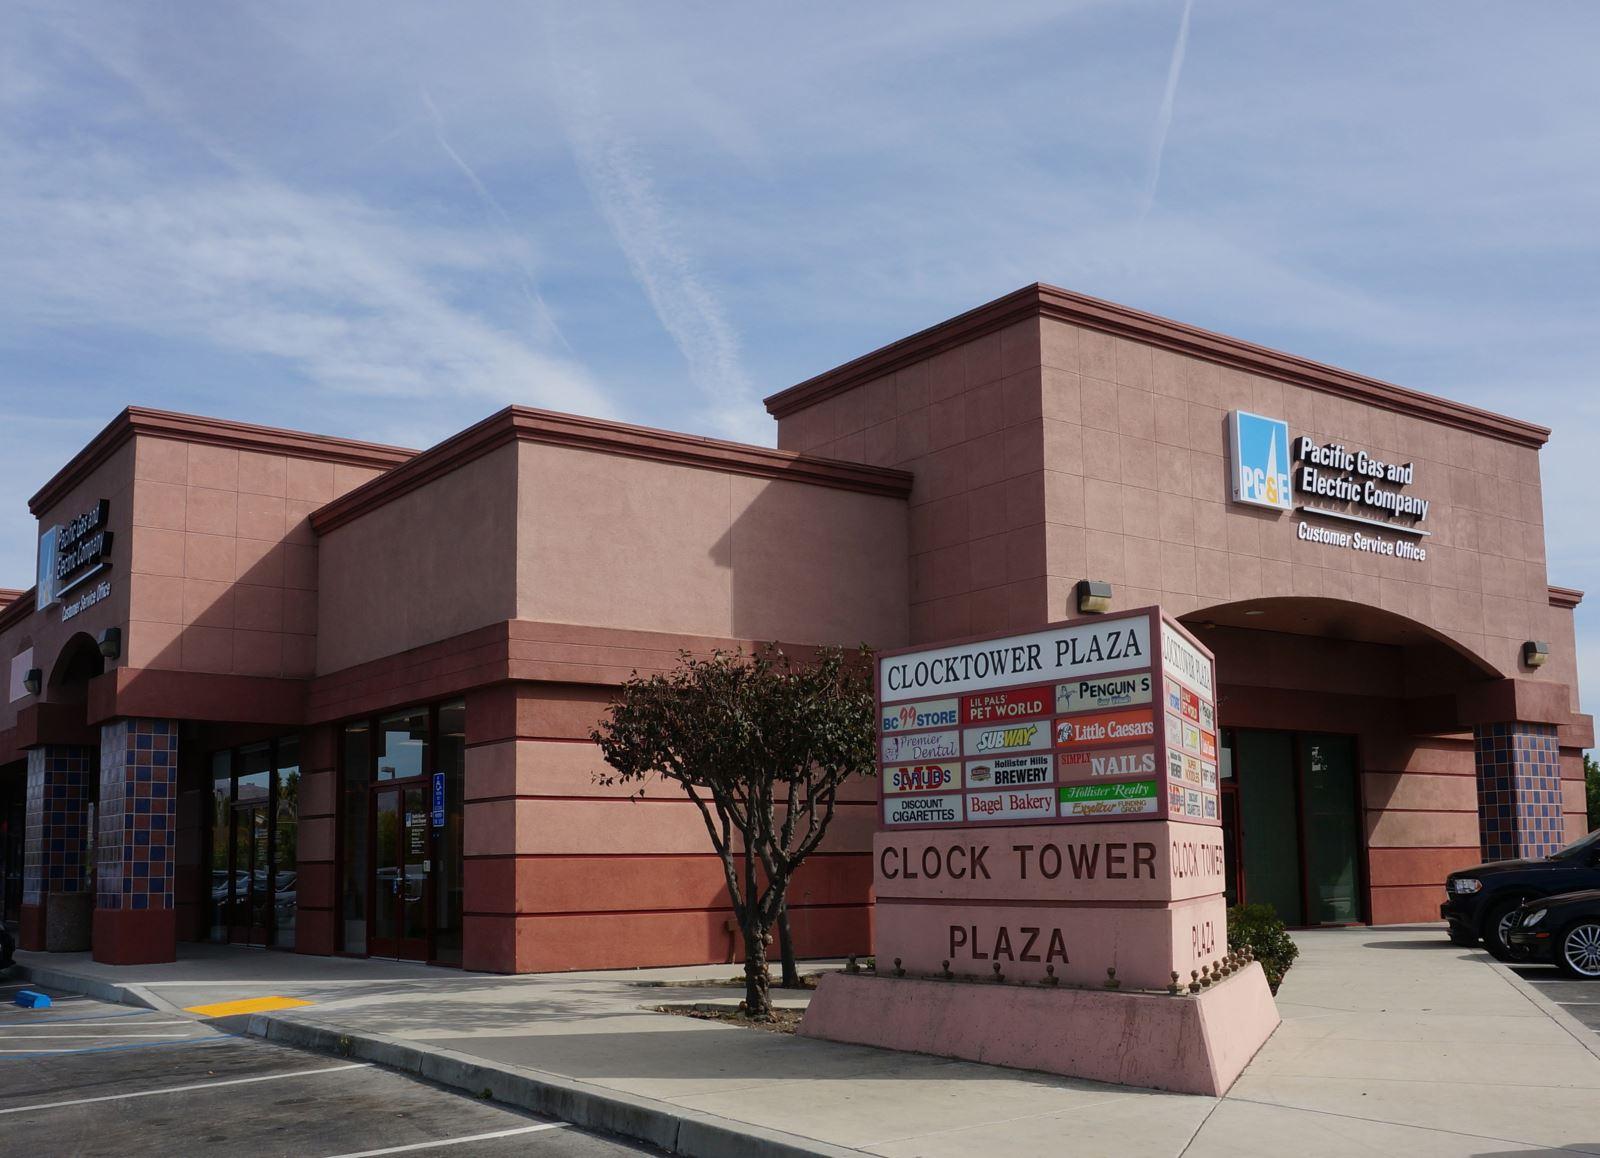 Santa Clara County Probation Office Building Condition